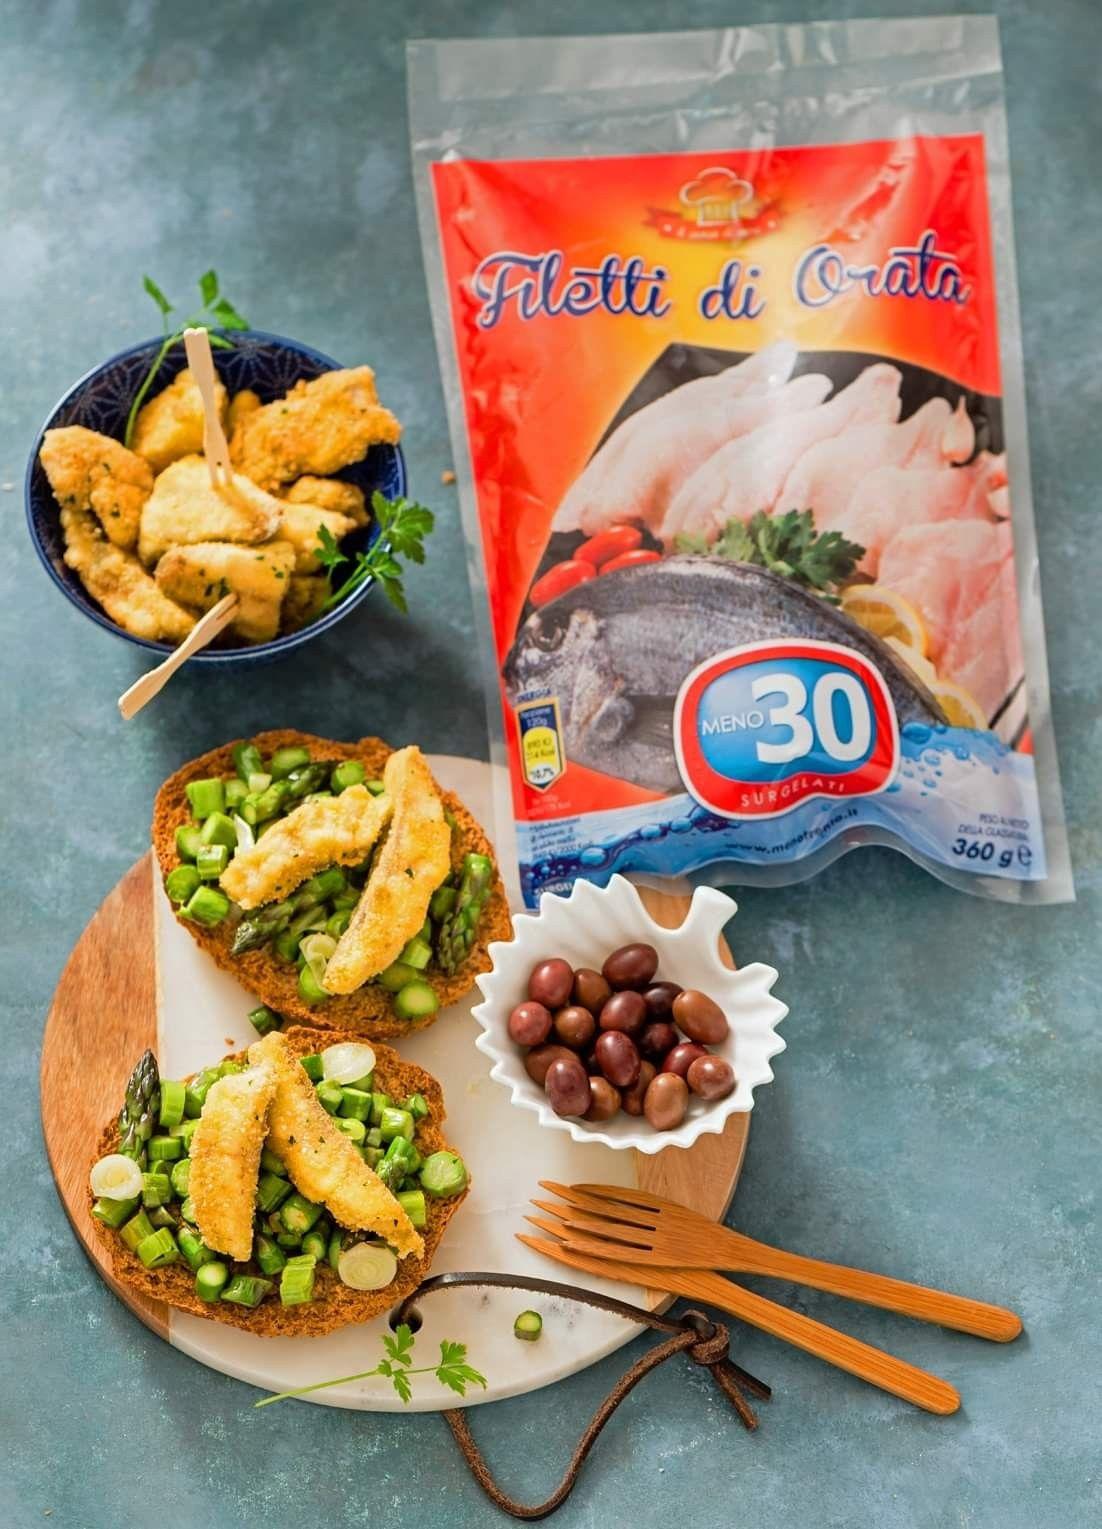 Ricetta Orata Asparagi.Friselle Con Asparagi Cipollotto E Cotolette D Orata Idee Alimentari Ricette Asparagi